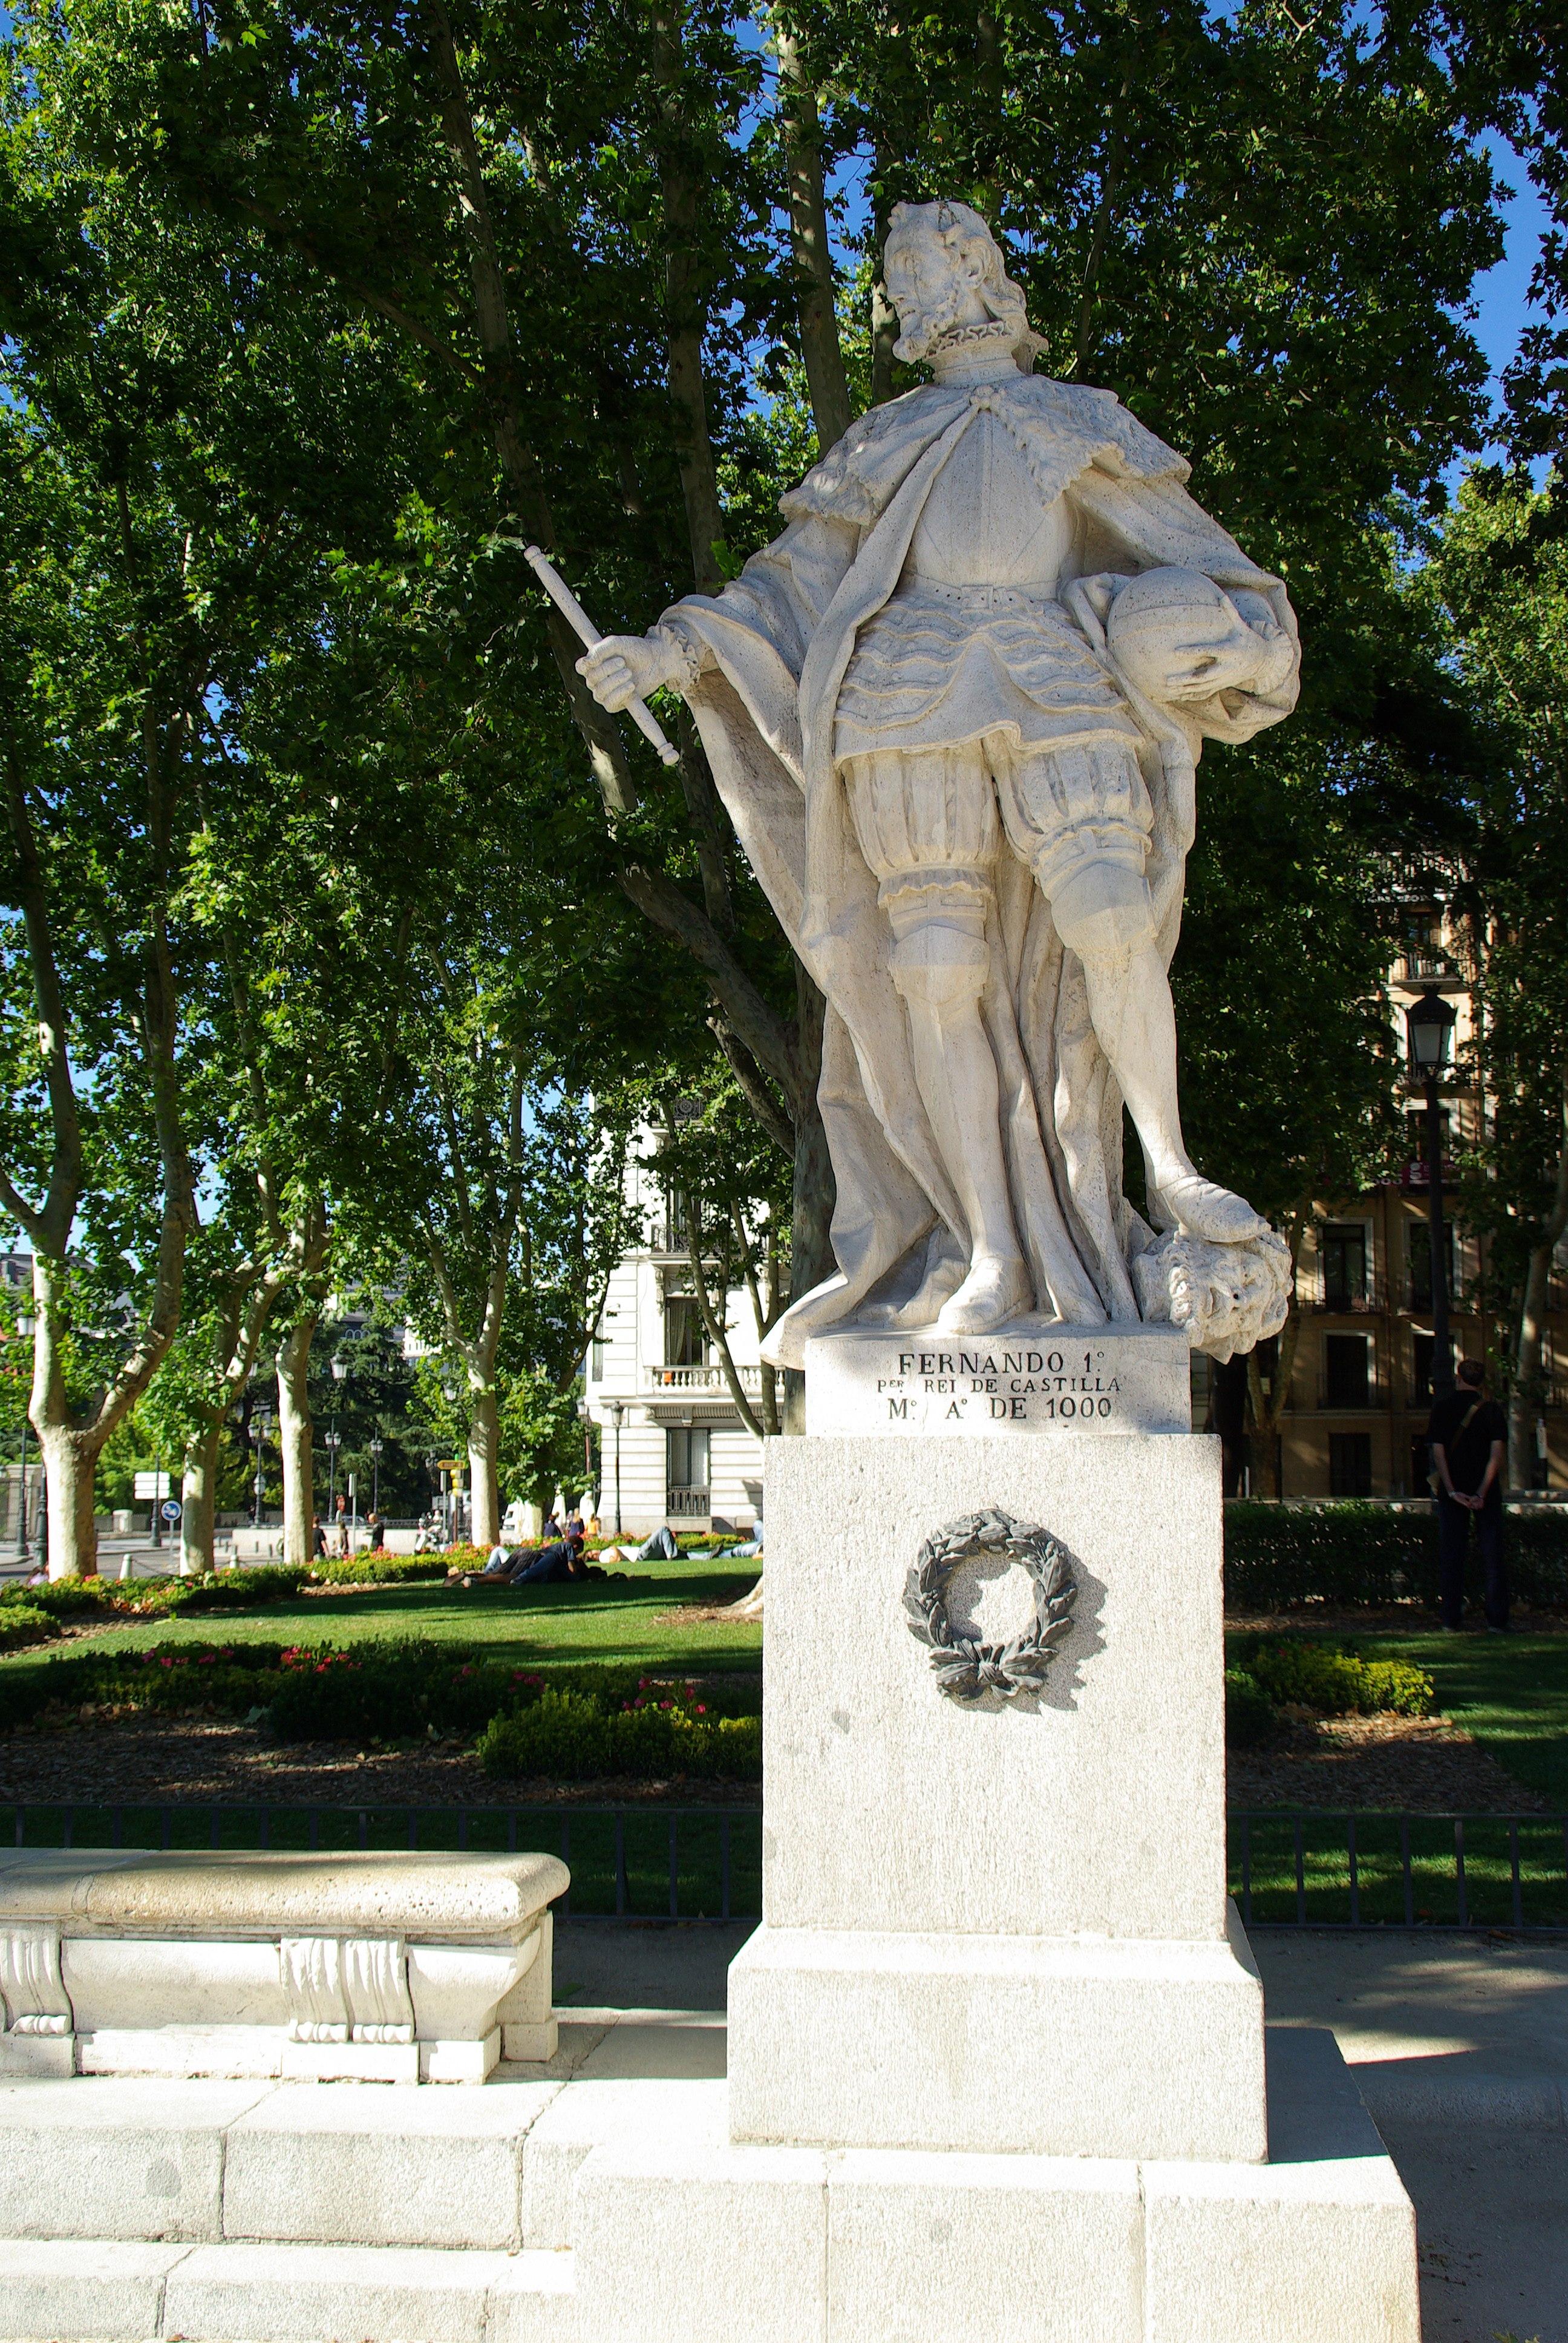 Estatuas de jardin fabulous jardn mangosta estatuas de jardn de esculturas de resina artificial - Estatuas de jardin ...